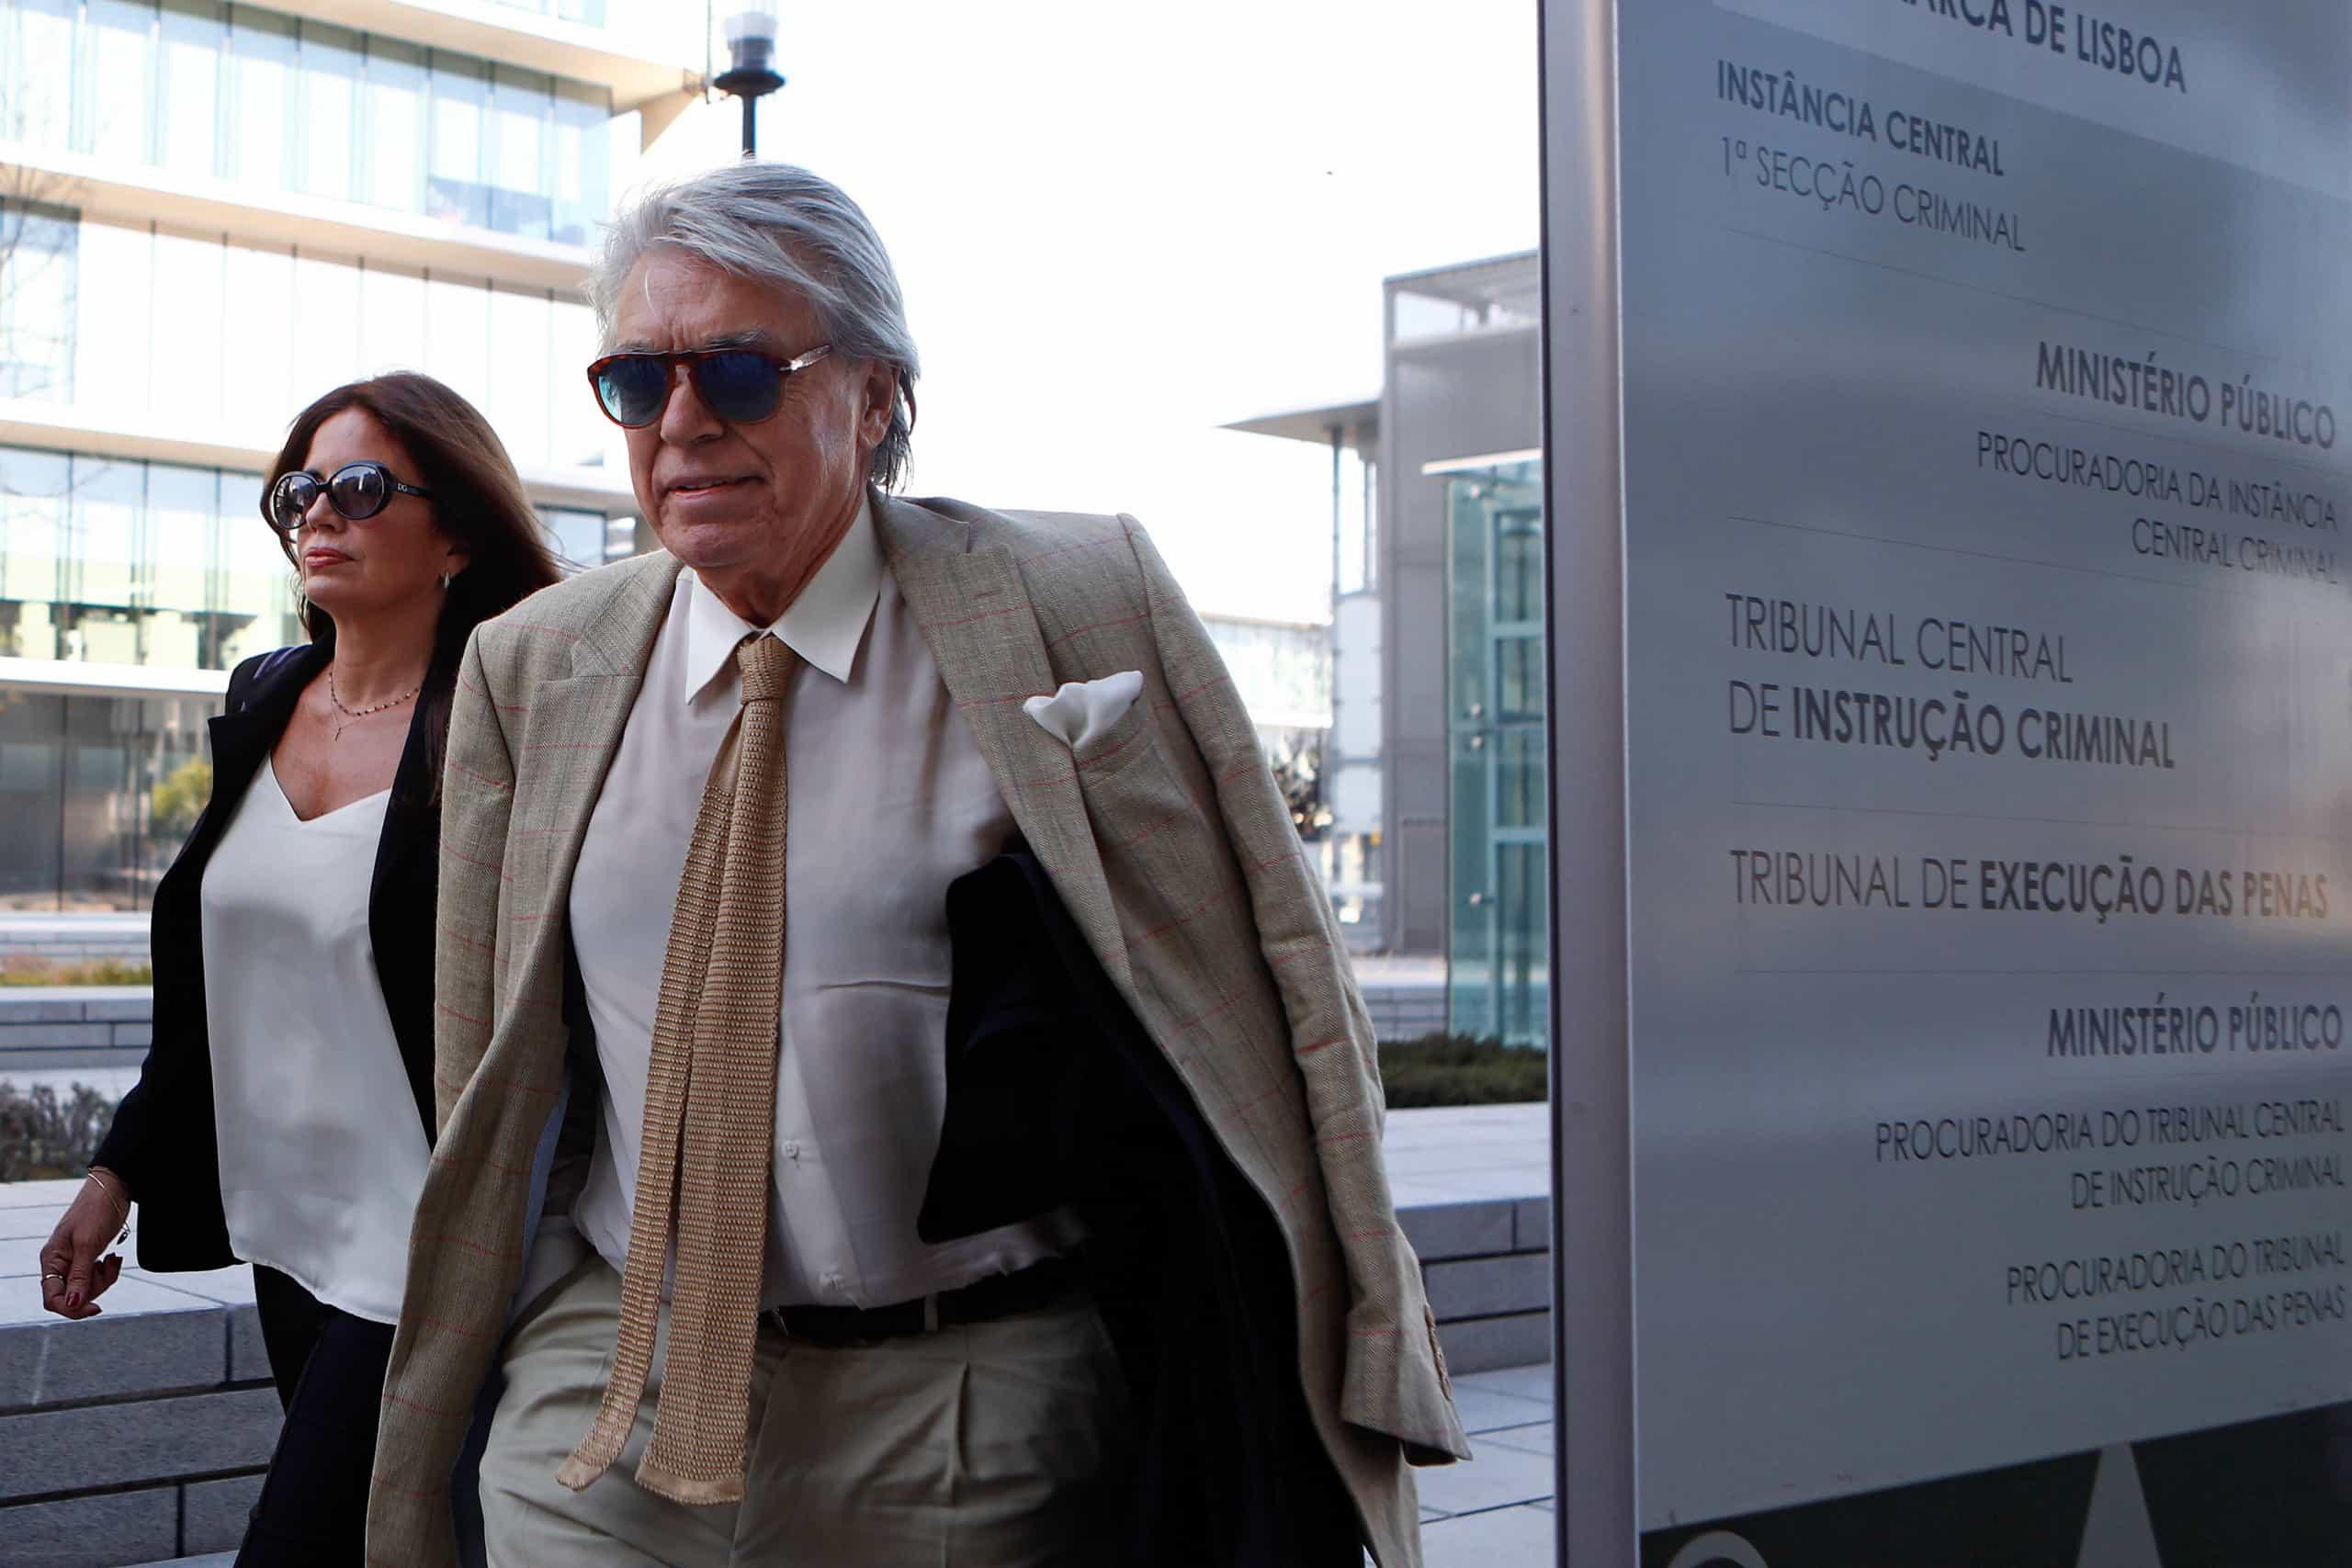 Advogado de Bárbara Guimarães alega que lapso de datas é relevante